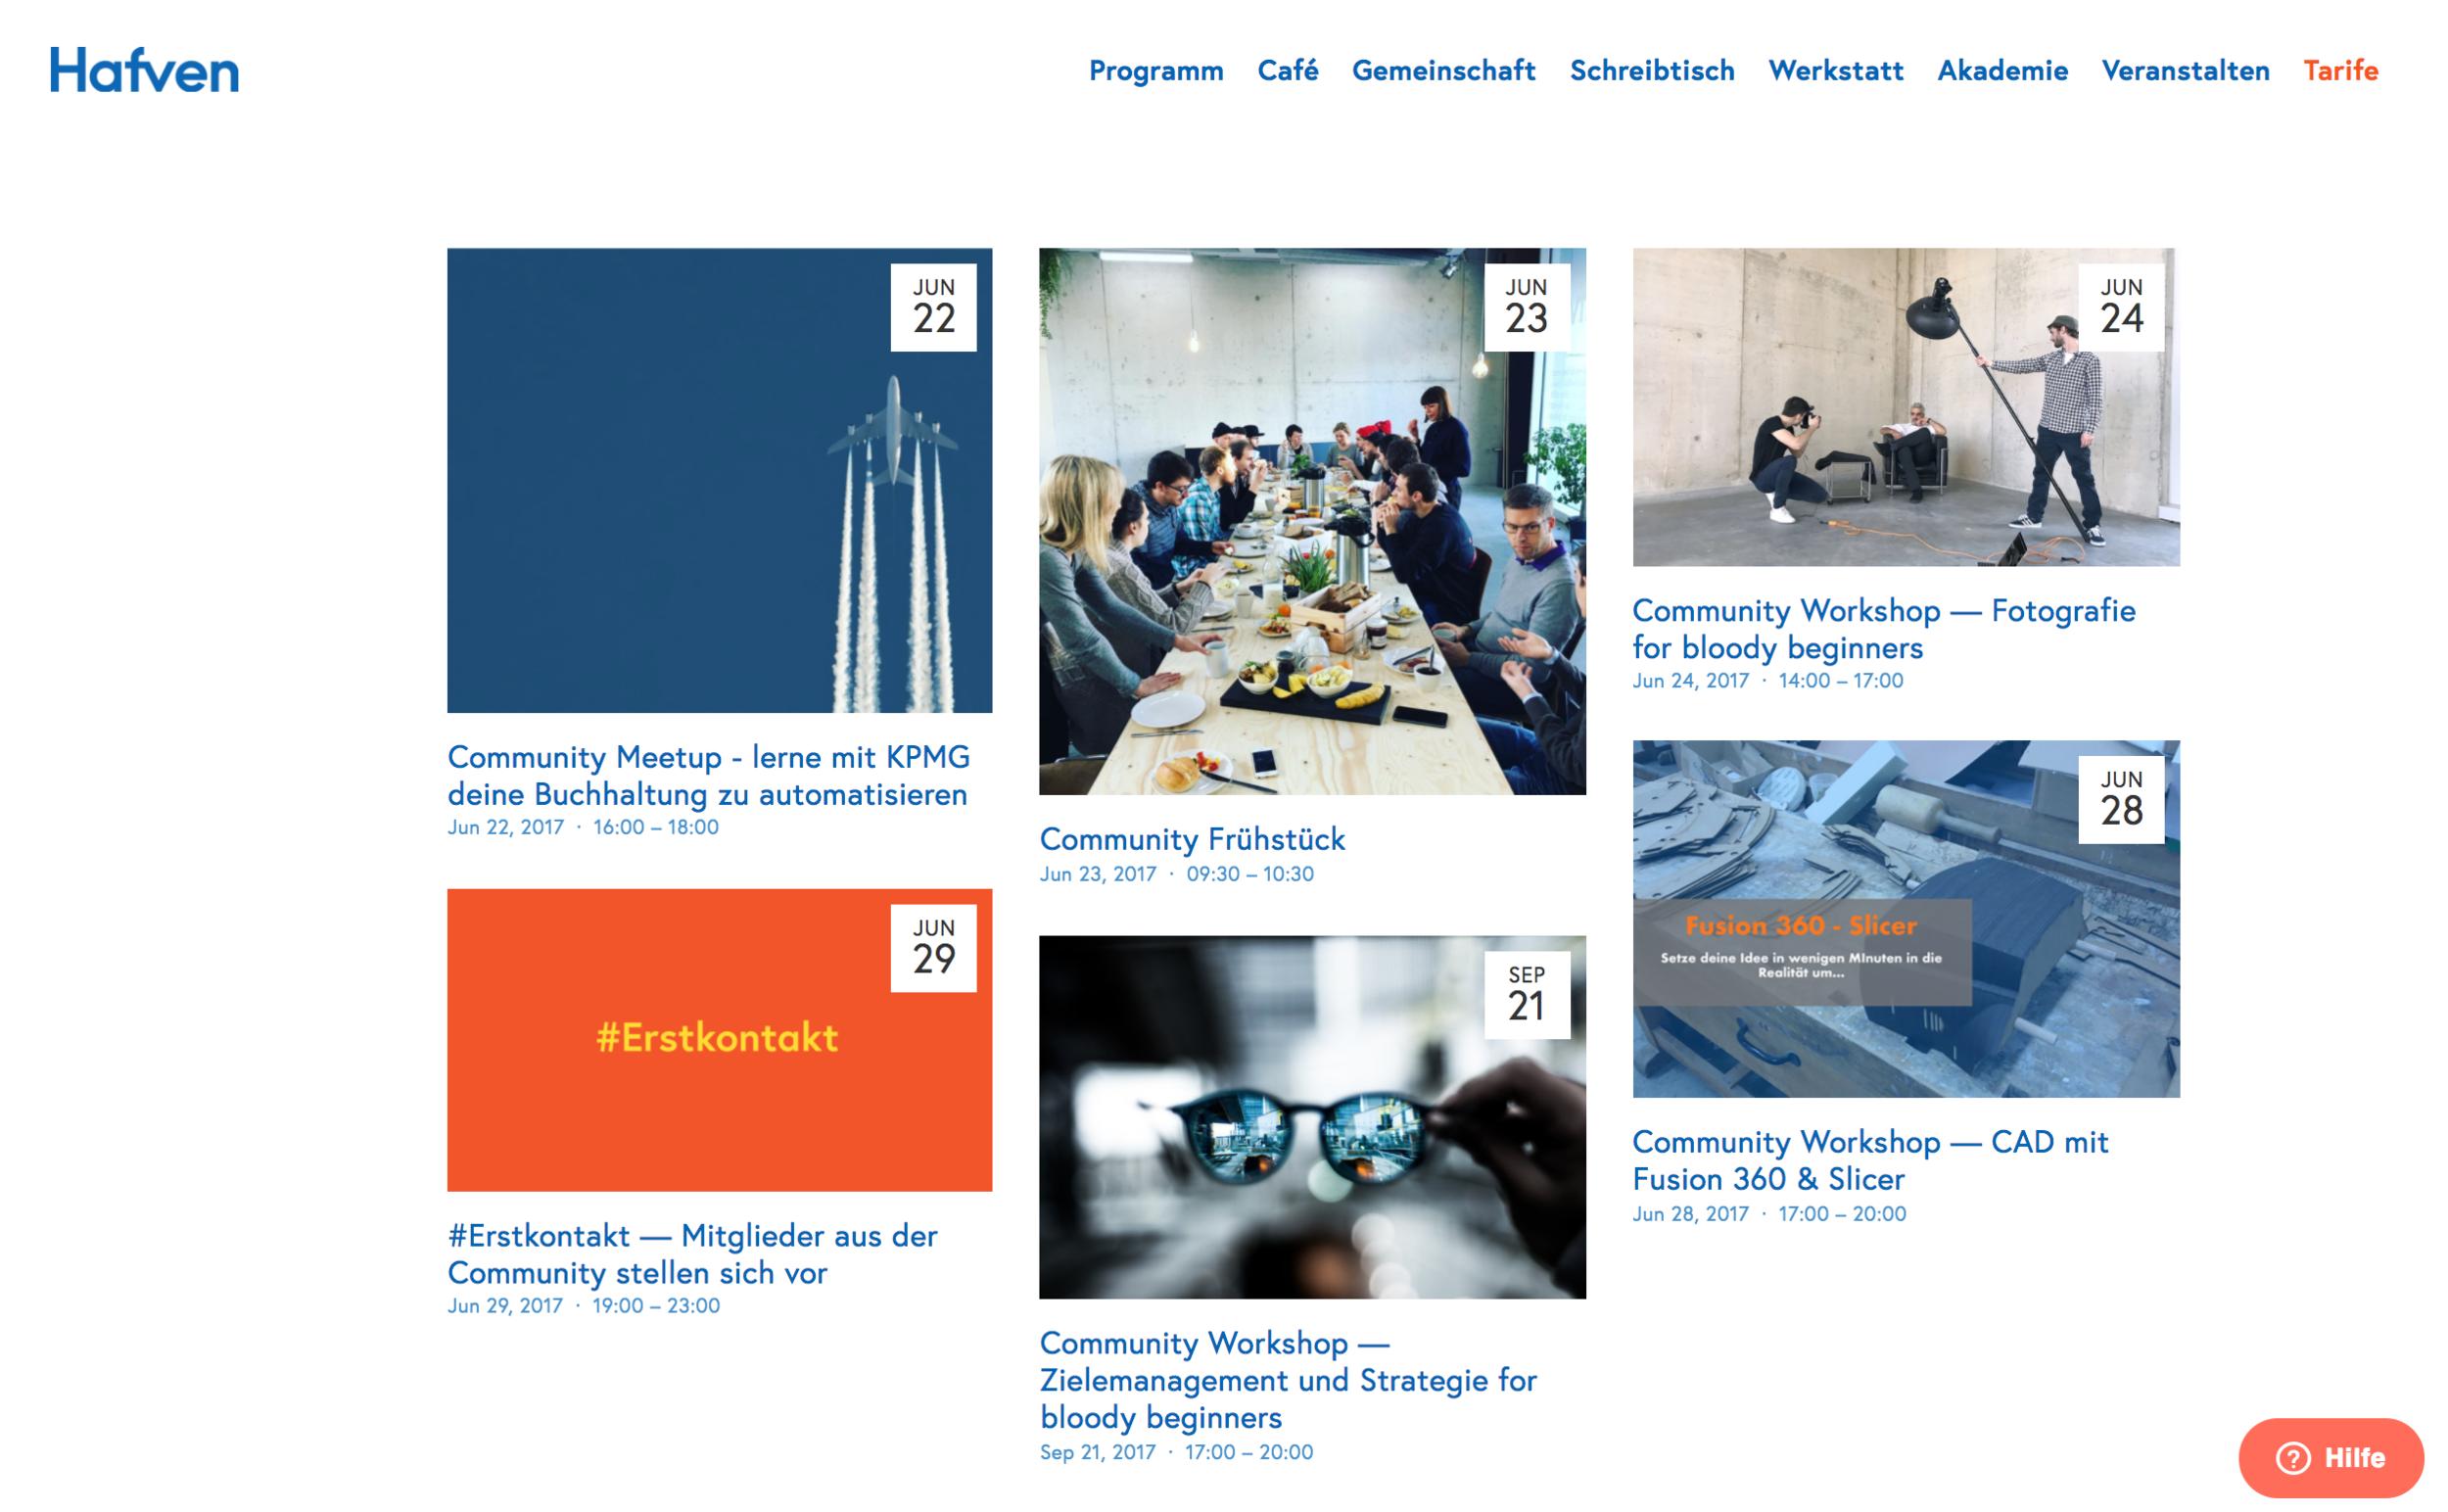 Auf der Website erstellen wir einen Eintrag im  Programm  mit einer kurzen Beschreibung. Das Hafven-Programm wird wöchentlich über den  Hafven-Newsletter  an eine wachsende Verteilerliste kommuniziert.  Reichweite aktuell über 1.000 interessierte Empfänger.